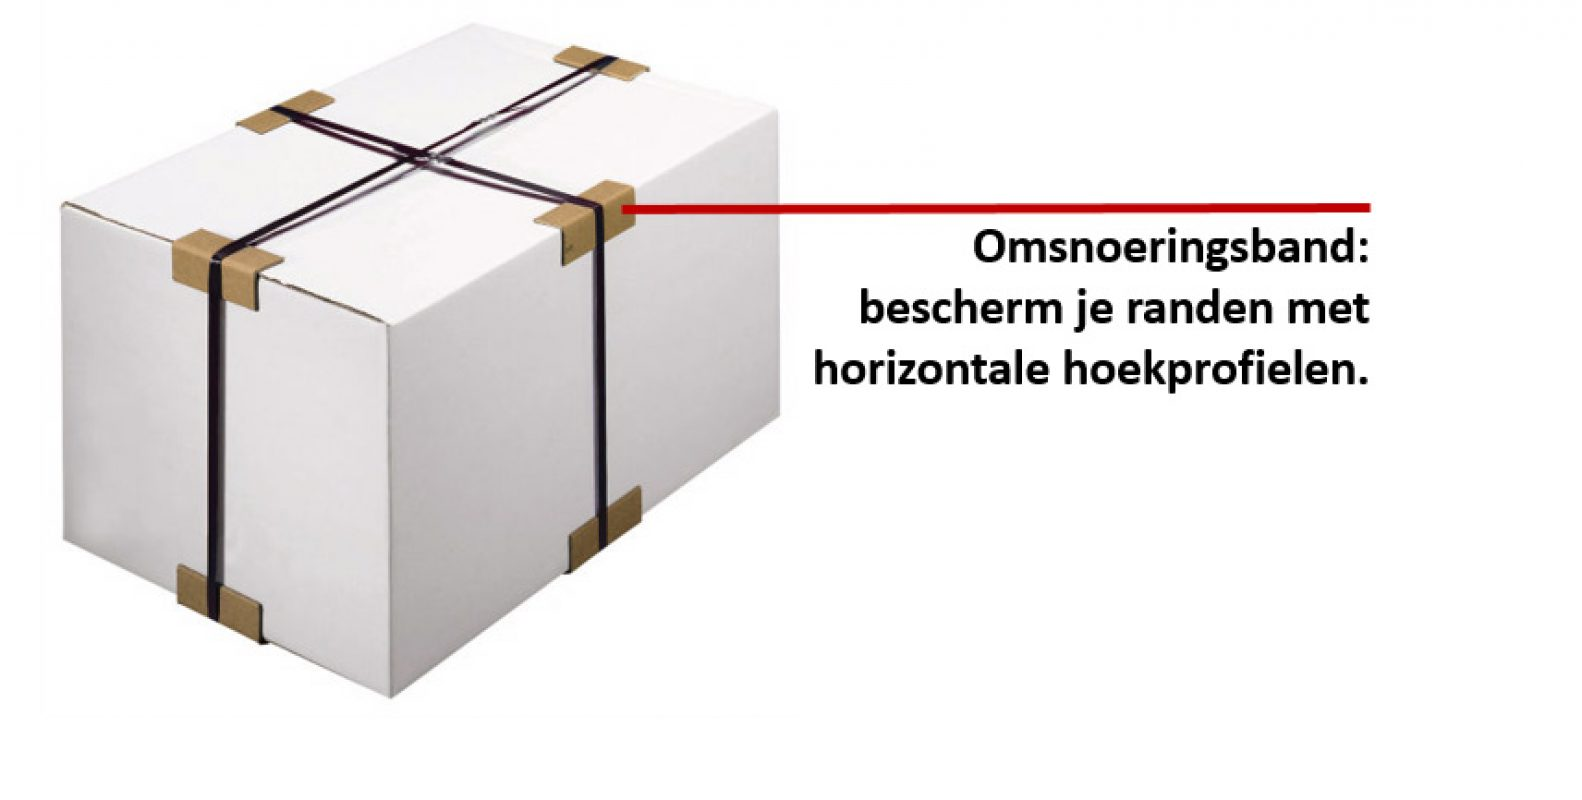 Omsnoeringsband met bescherming van horizontale hoekprofielen